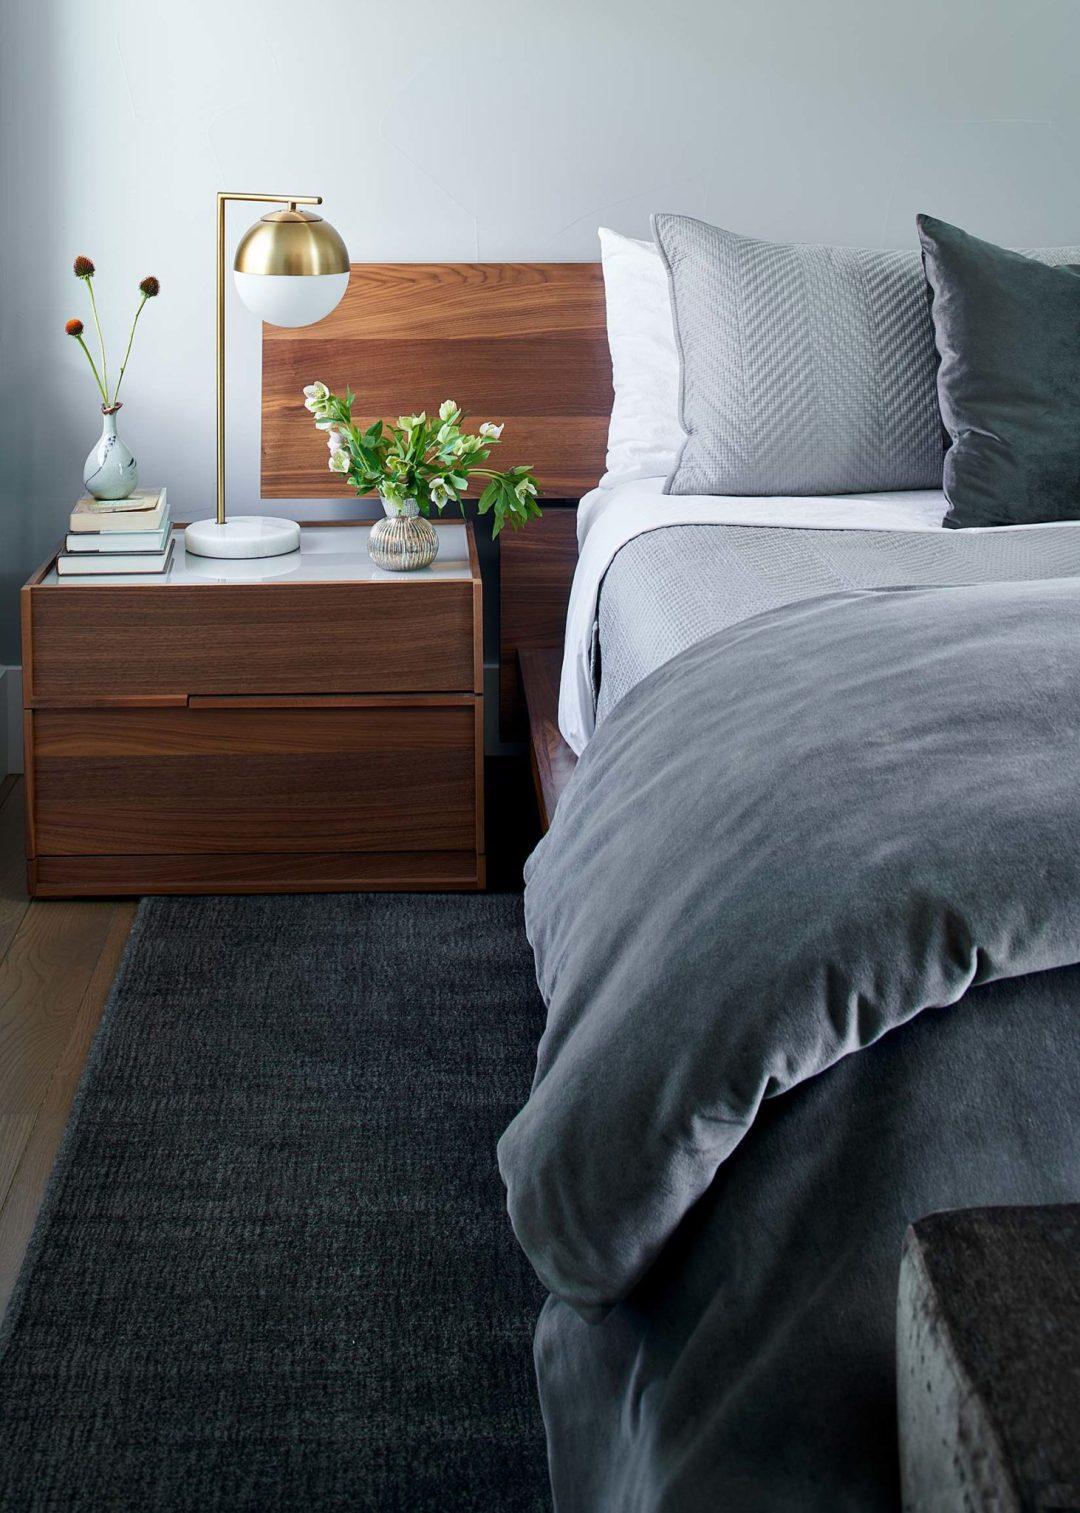 KGA-Comstock-Levine-09-17-19-2nd-Floor-Bedroom-Detail-Web